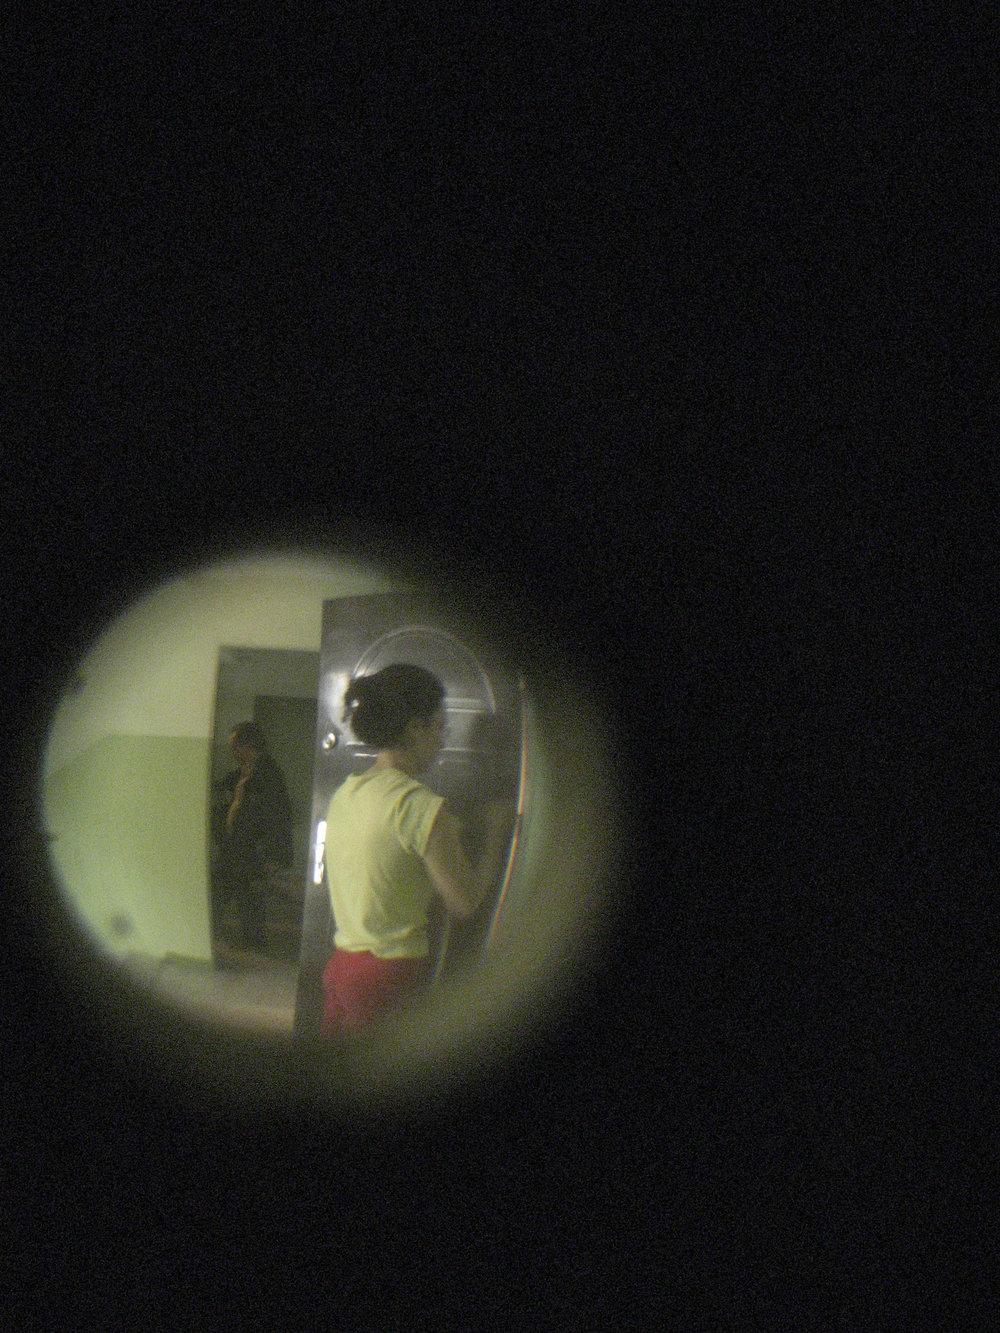 Surveillance: Warsaw.134